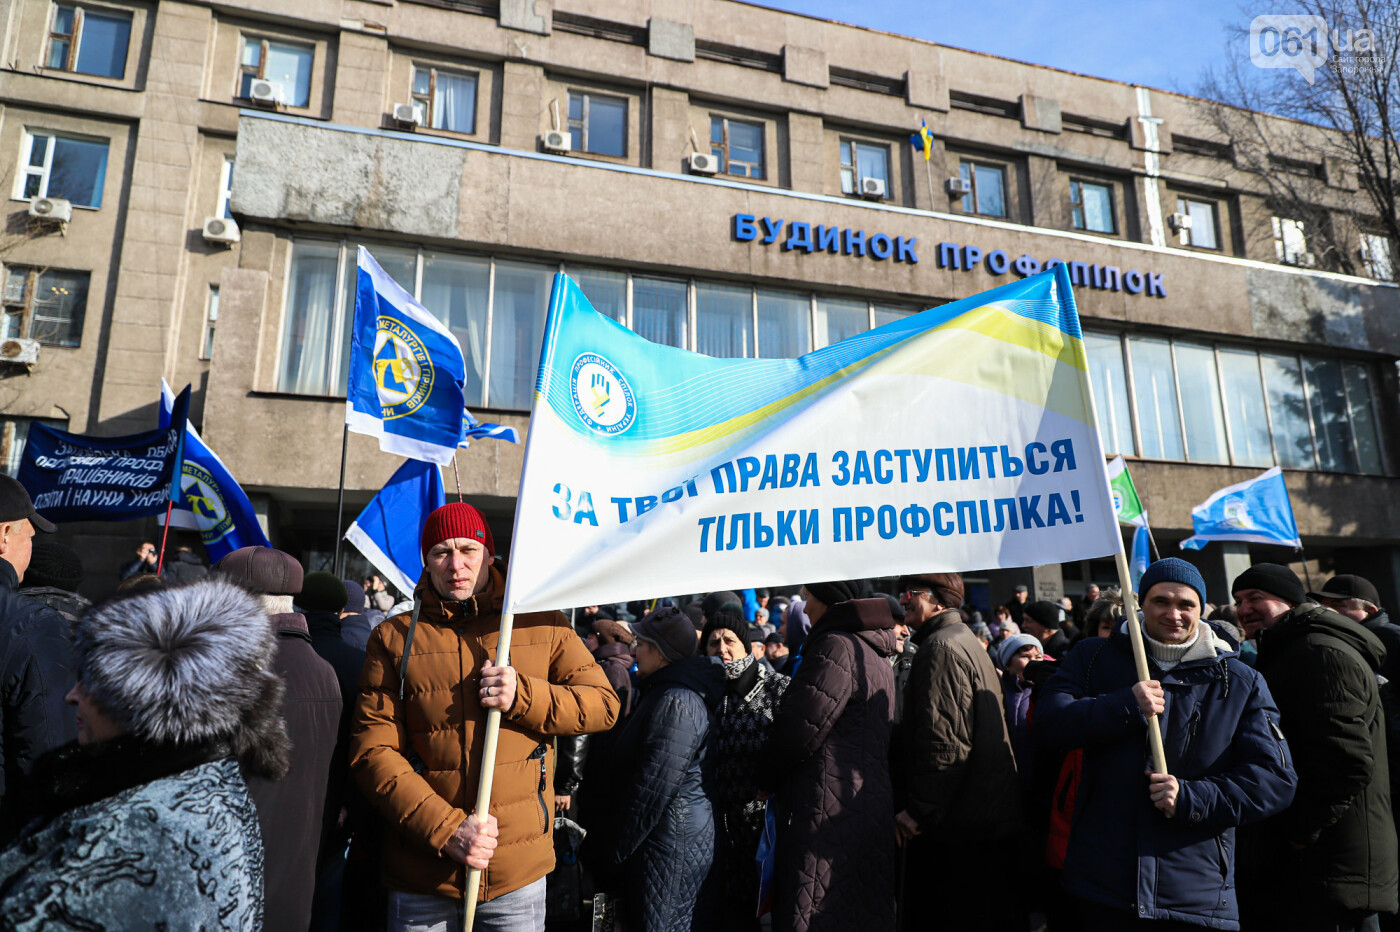 В Запорожье на протестную акцию профсоюзов «Волна гнева» вышло около 2000 человек, - ФОТОРЕПОРТАЖ, фото-3